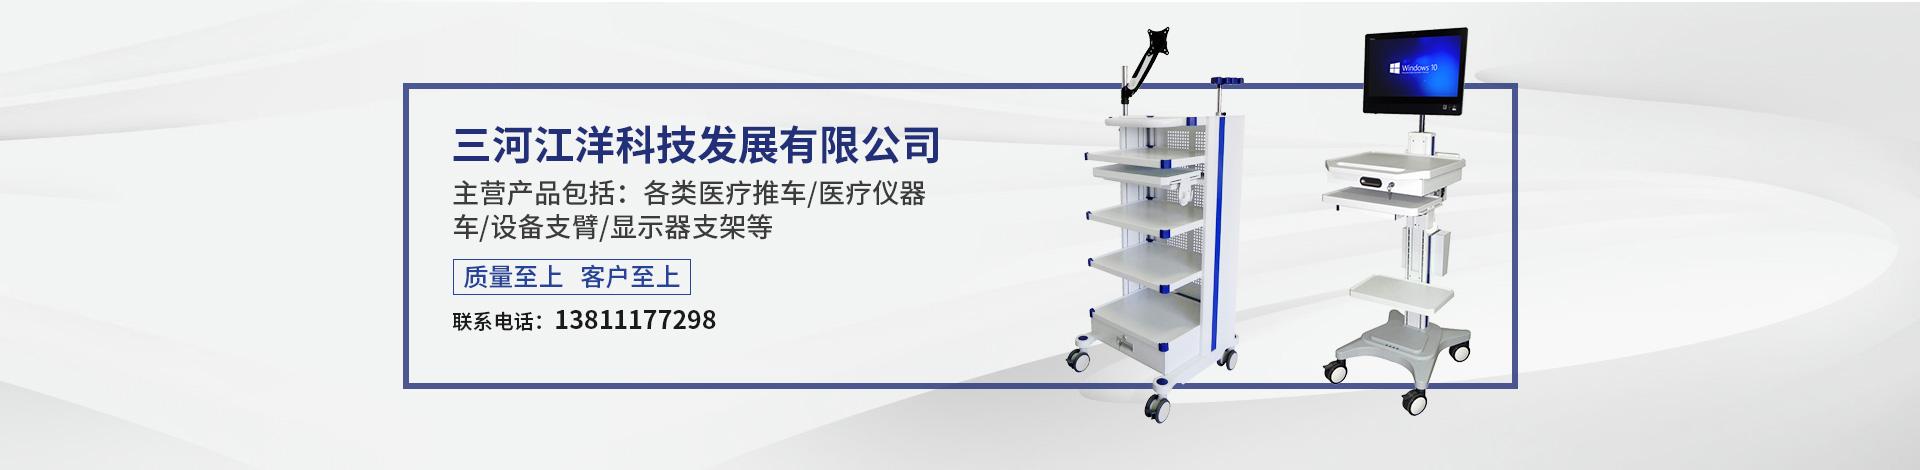 三河江洋科技发展有限公司